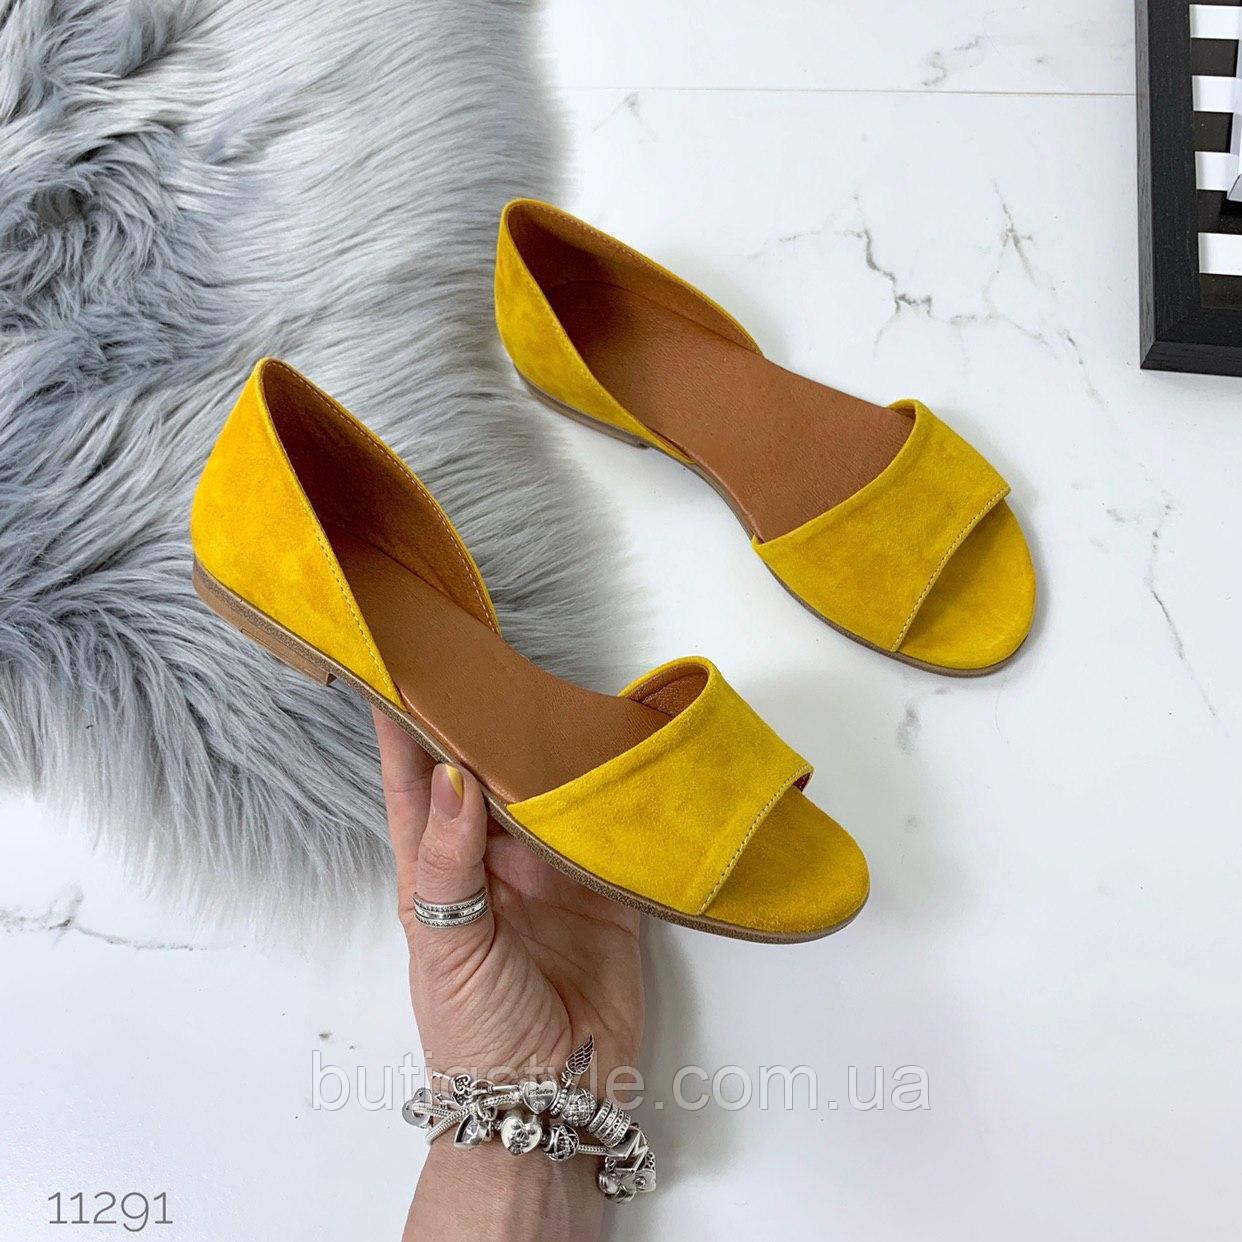 Женские желтые балетки открытый носок натуральная замш